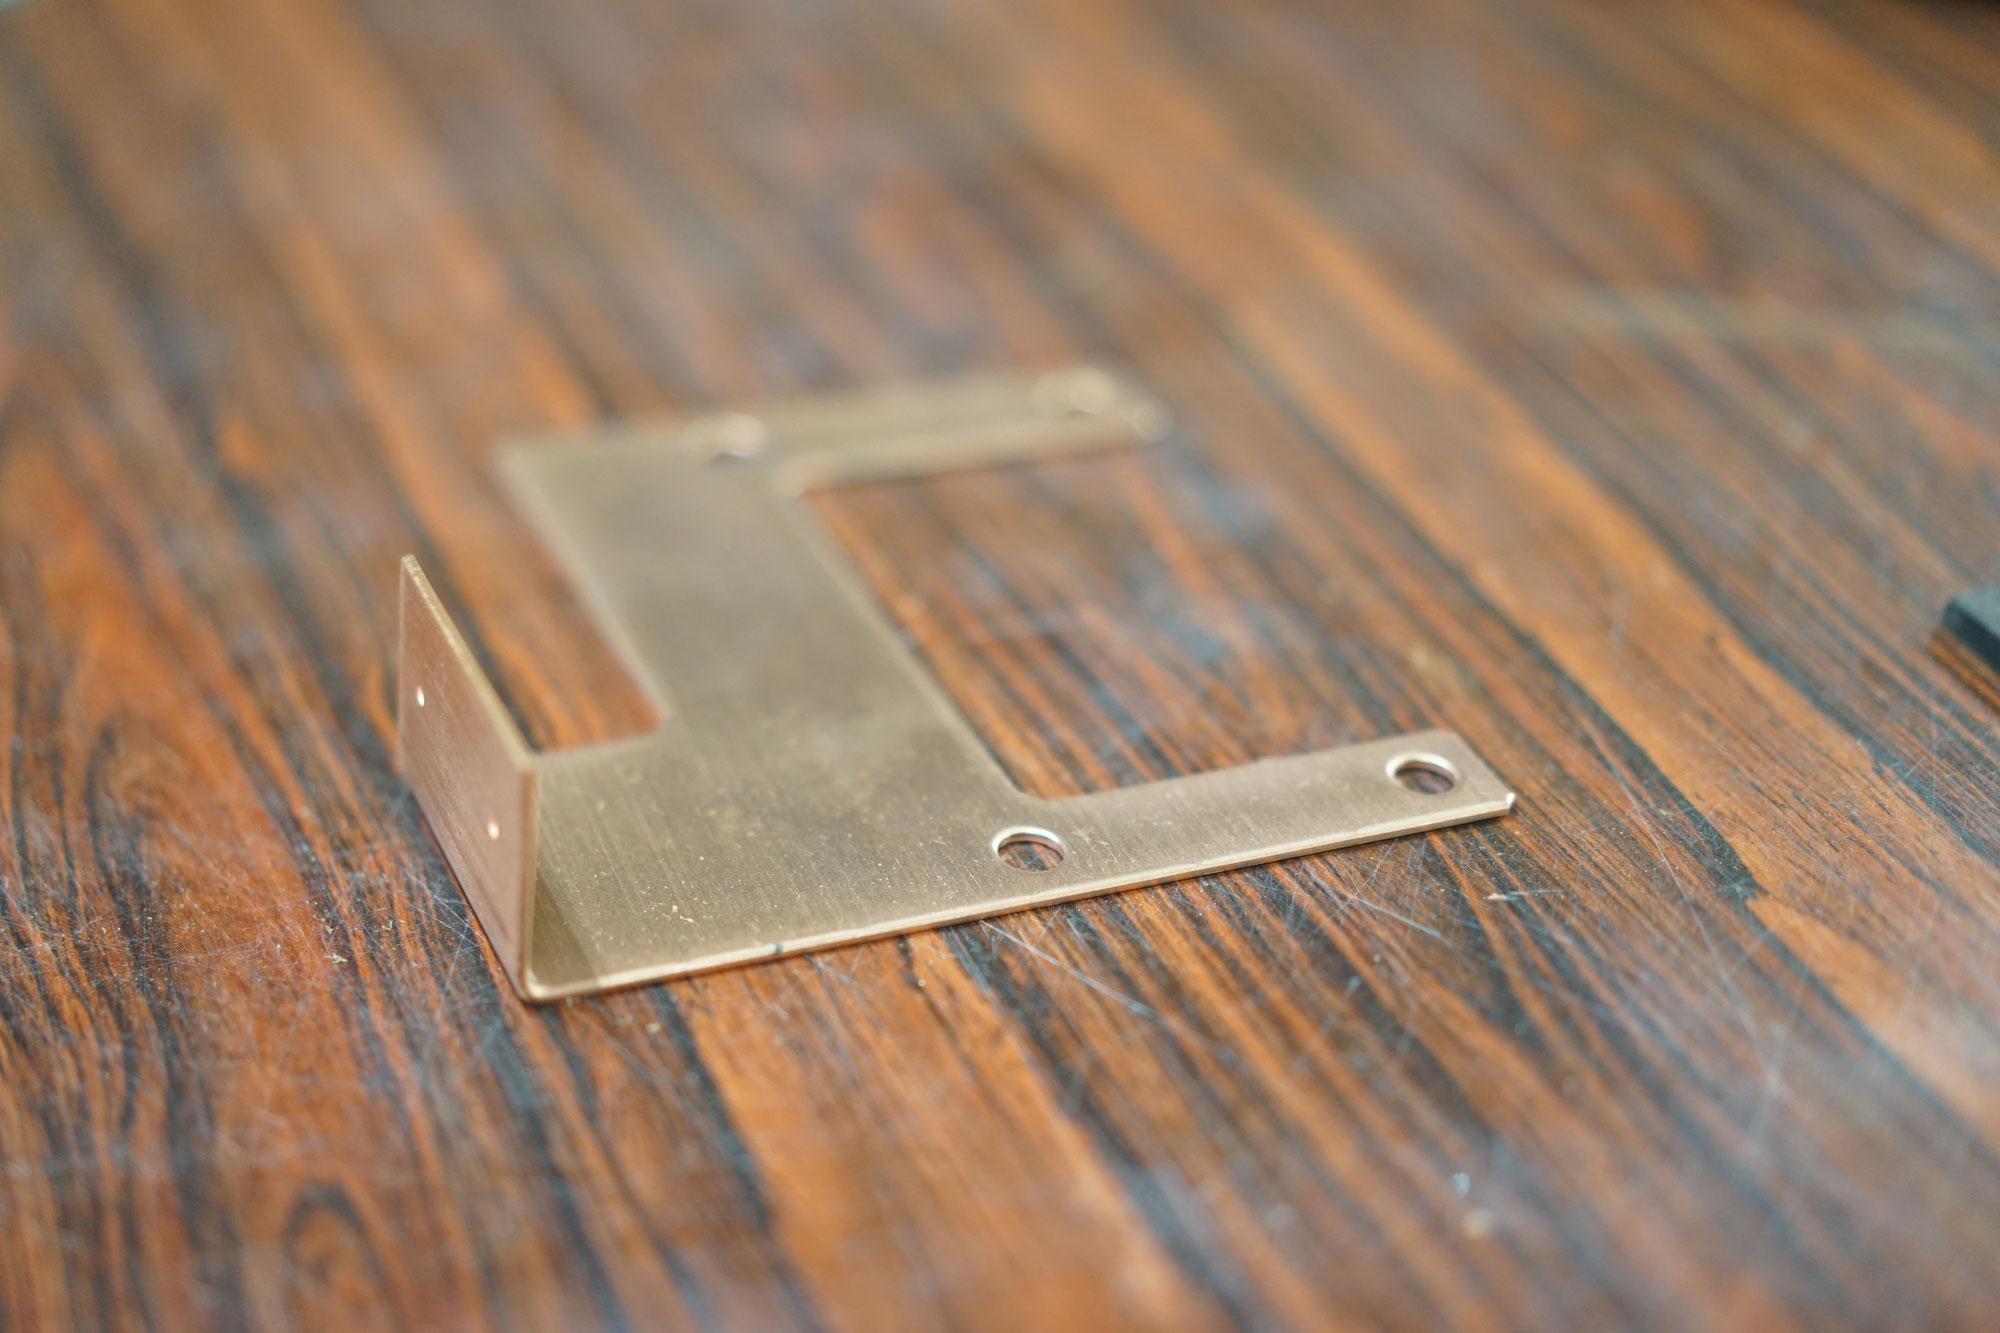 銅加工板金金属曲げ持ち込み穴あけ